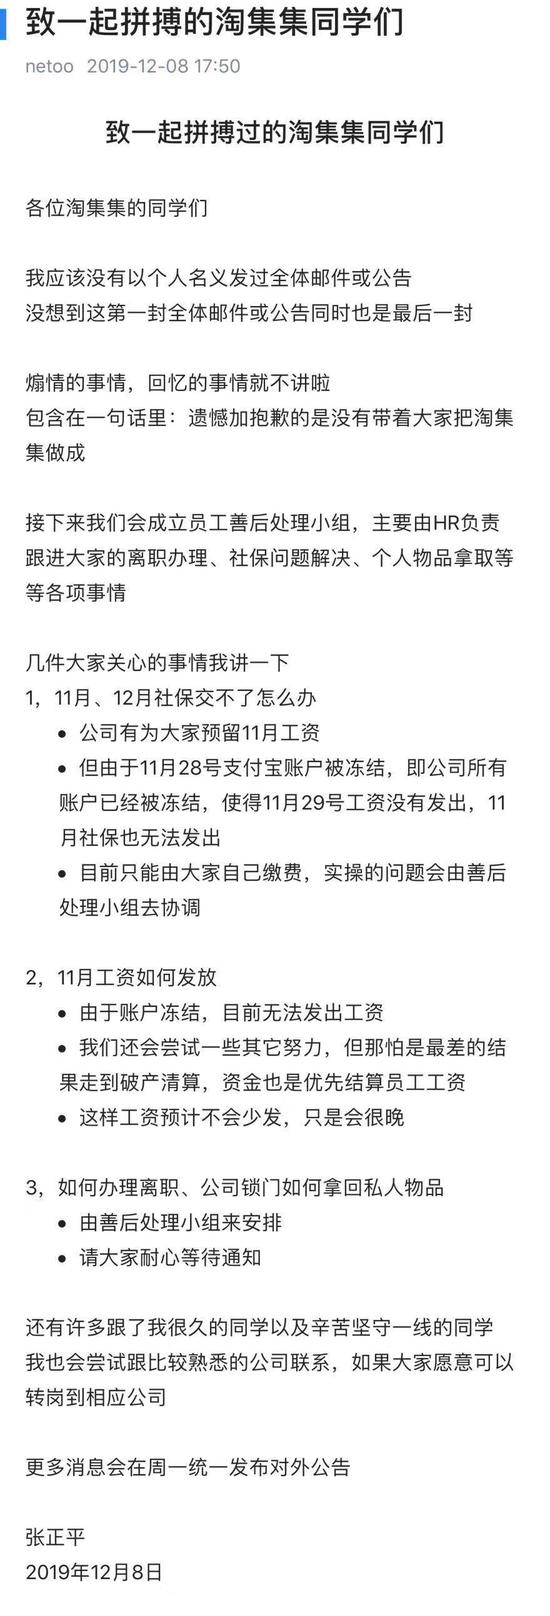 淘集集CEO发布全员邮件:已成立员工善后处理小组